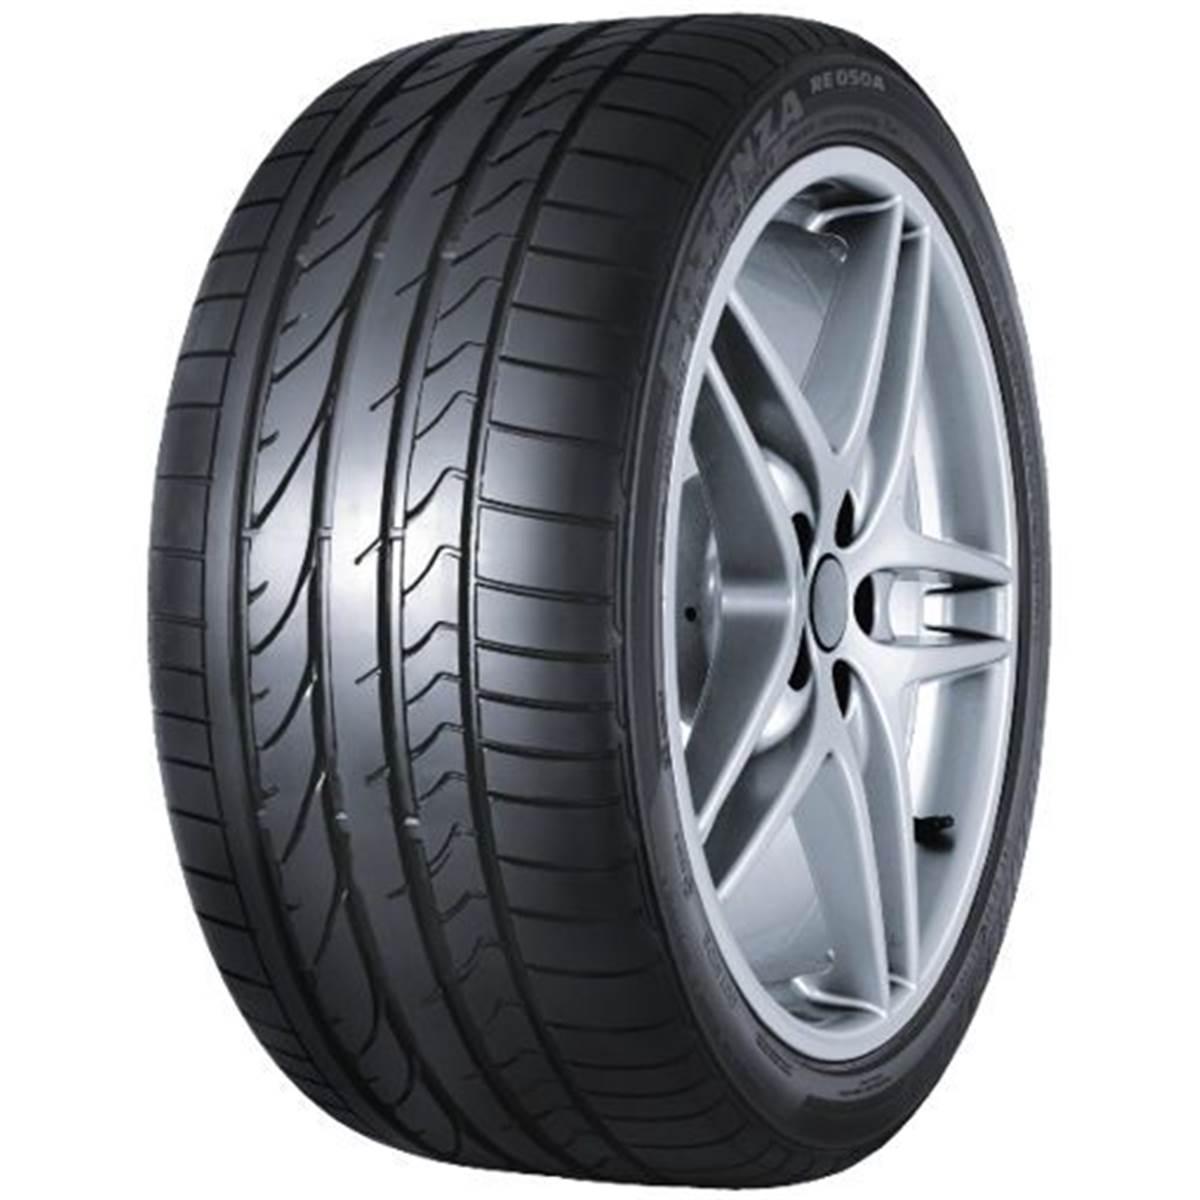 Pneu Bridgestone 285/40R19 103Y Potenza Re050